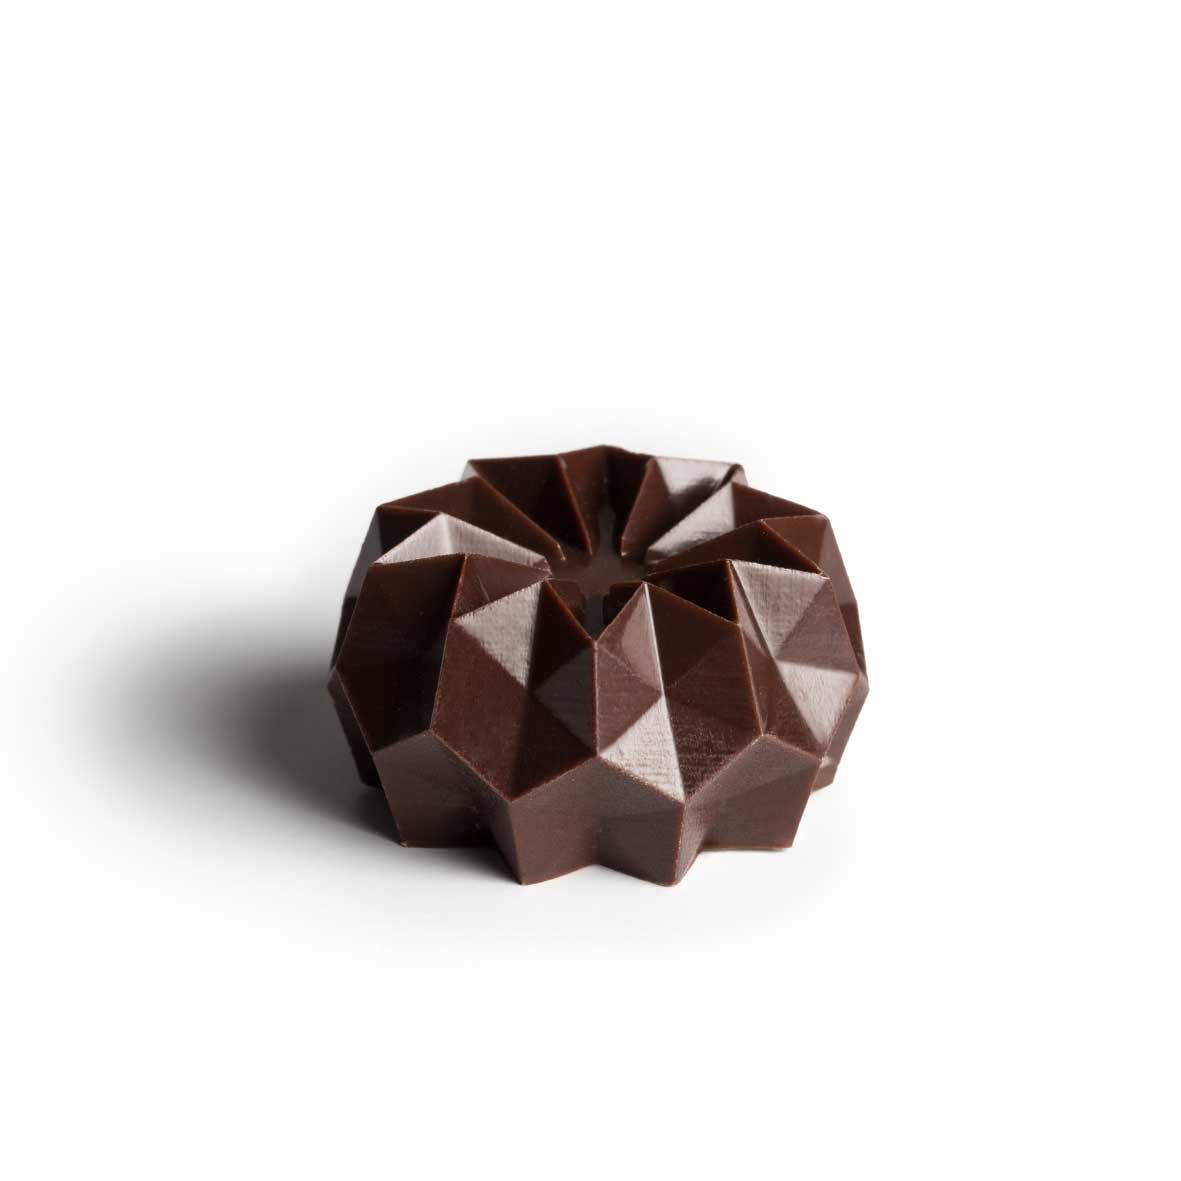 3D-gedruckte Schokoladen-Miniaturskulpturen 3d-gedruckte-schokolade-Ryan-L-Foote_06